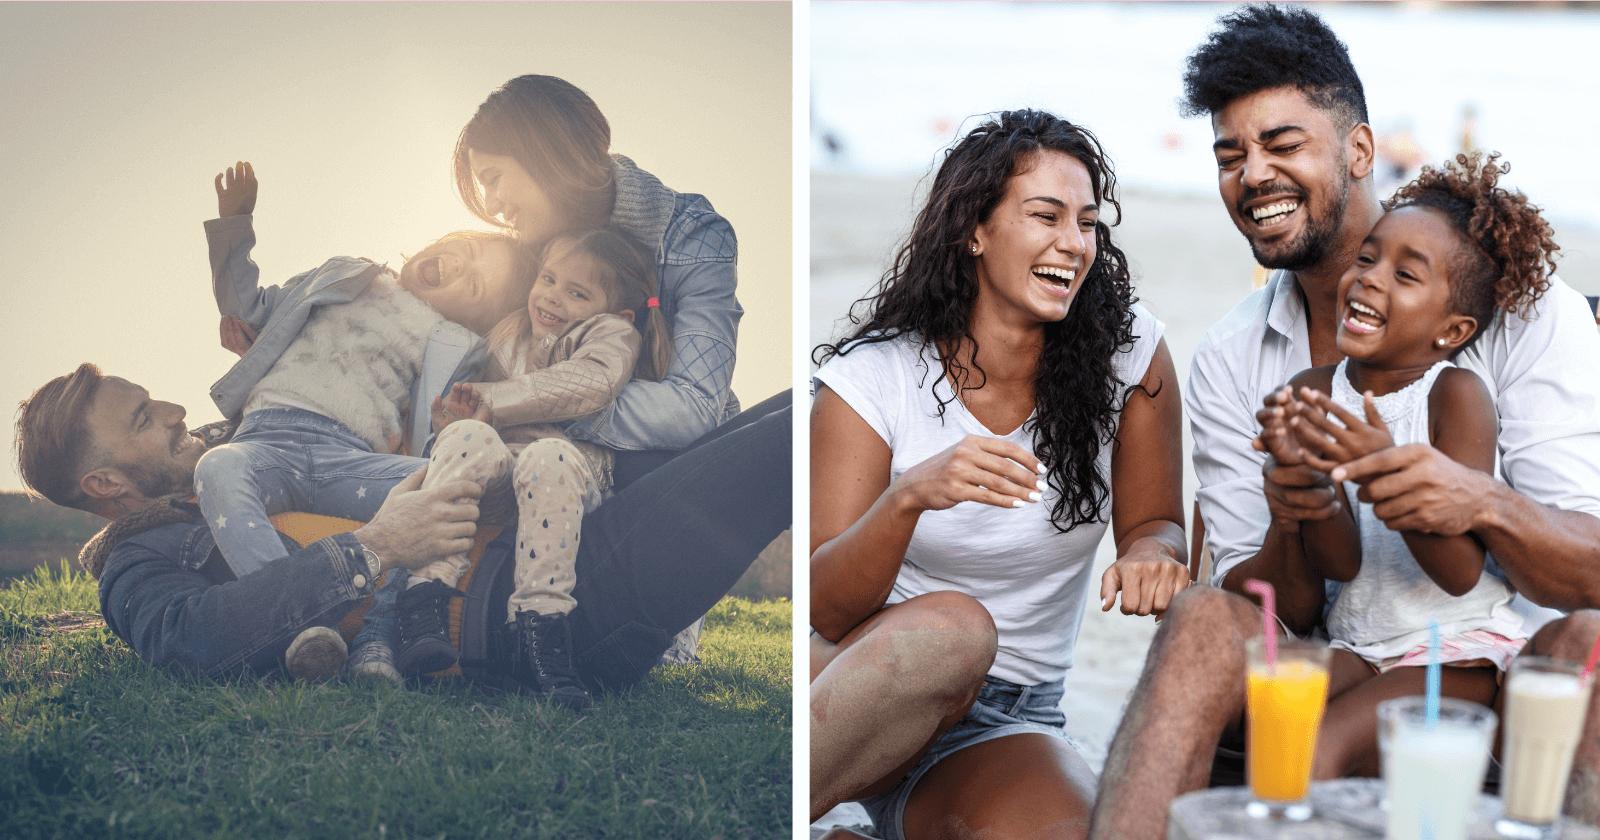 100 Legendas para Fotos em Família. Homenageando com muito carinho!